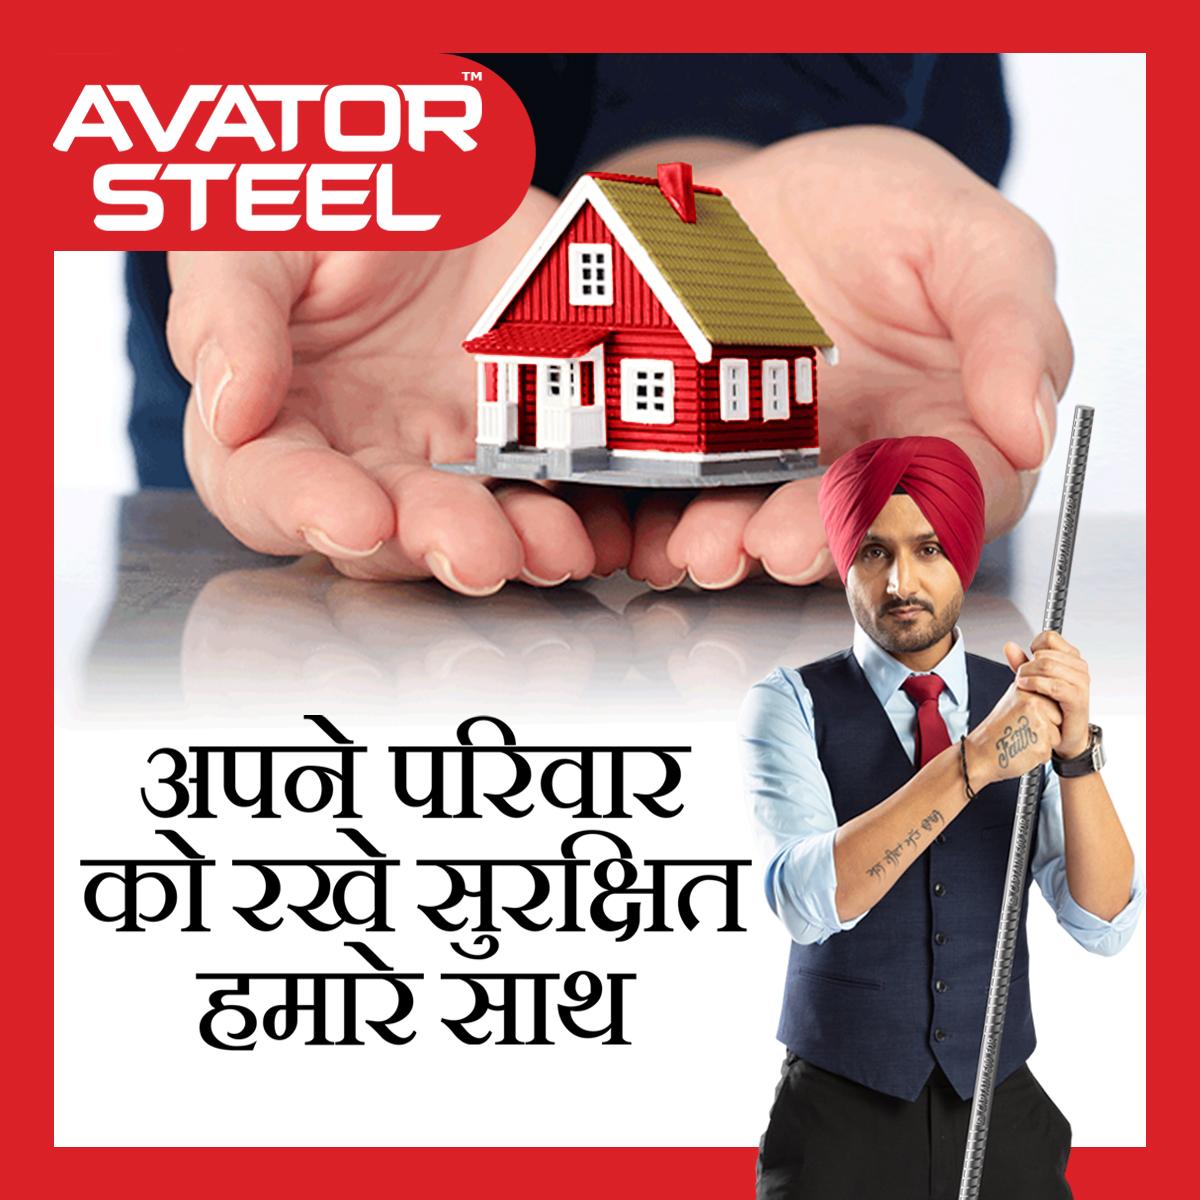 आपका परिवार है आपकी ताक़त, ठीक वैसे ही Avator Steel है आपकी घर की ताक़त ।  #AvatorSteel #HarbhajanSingh  @harbhajan_singh